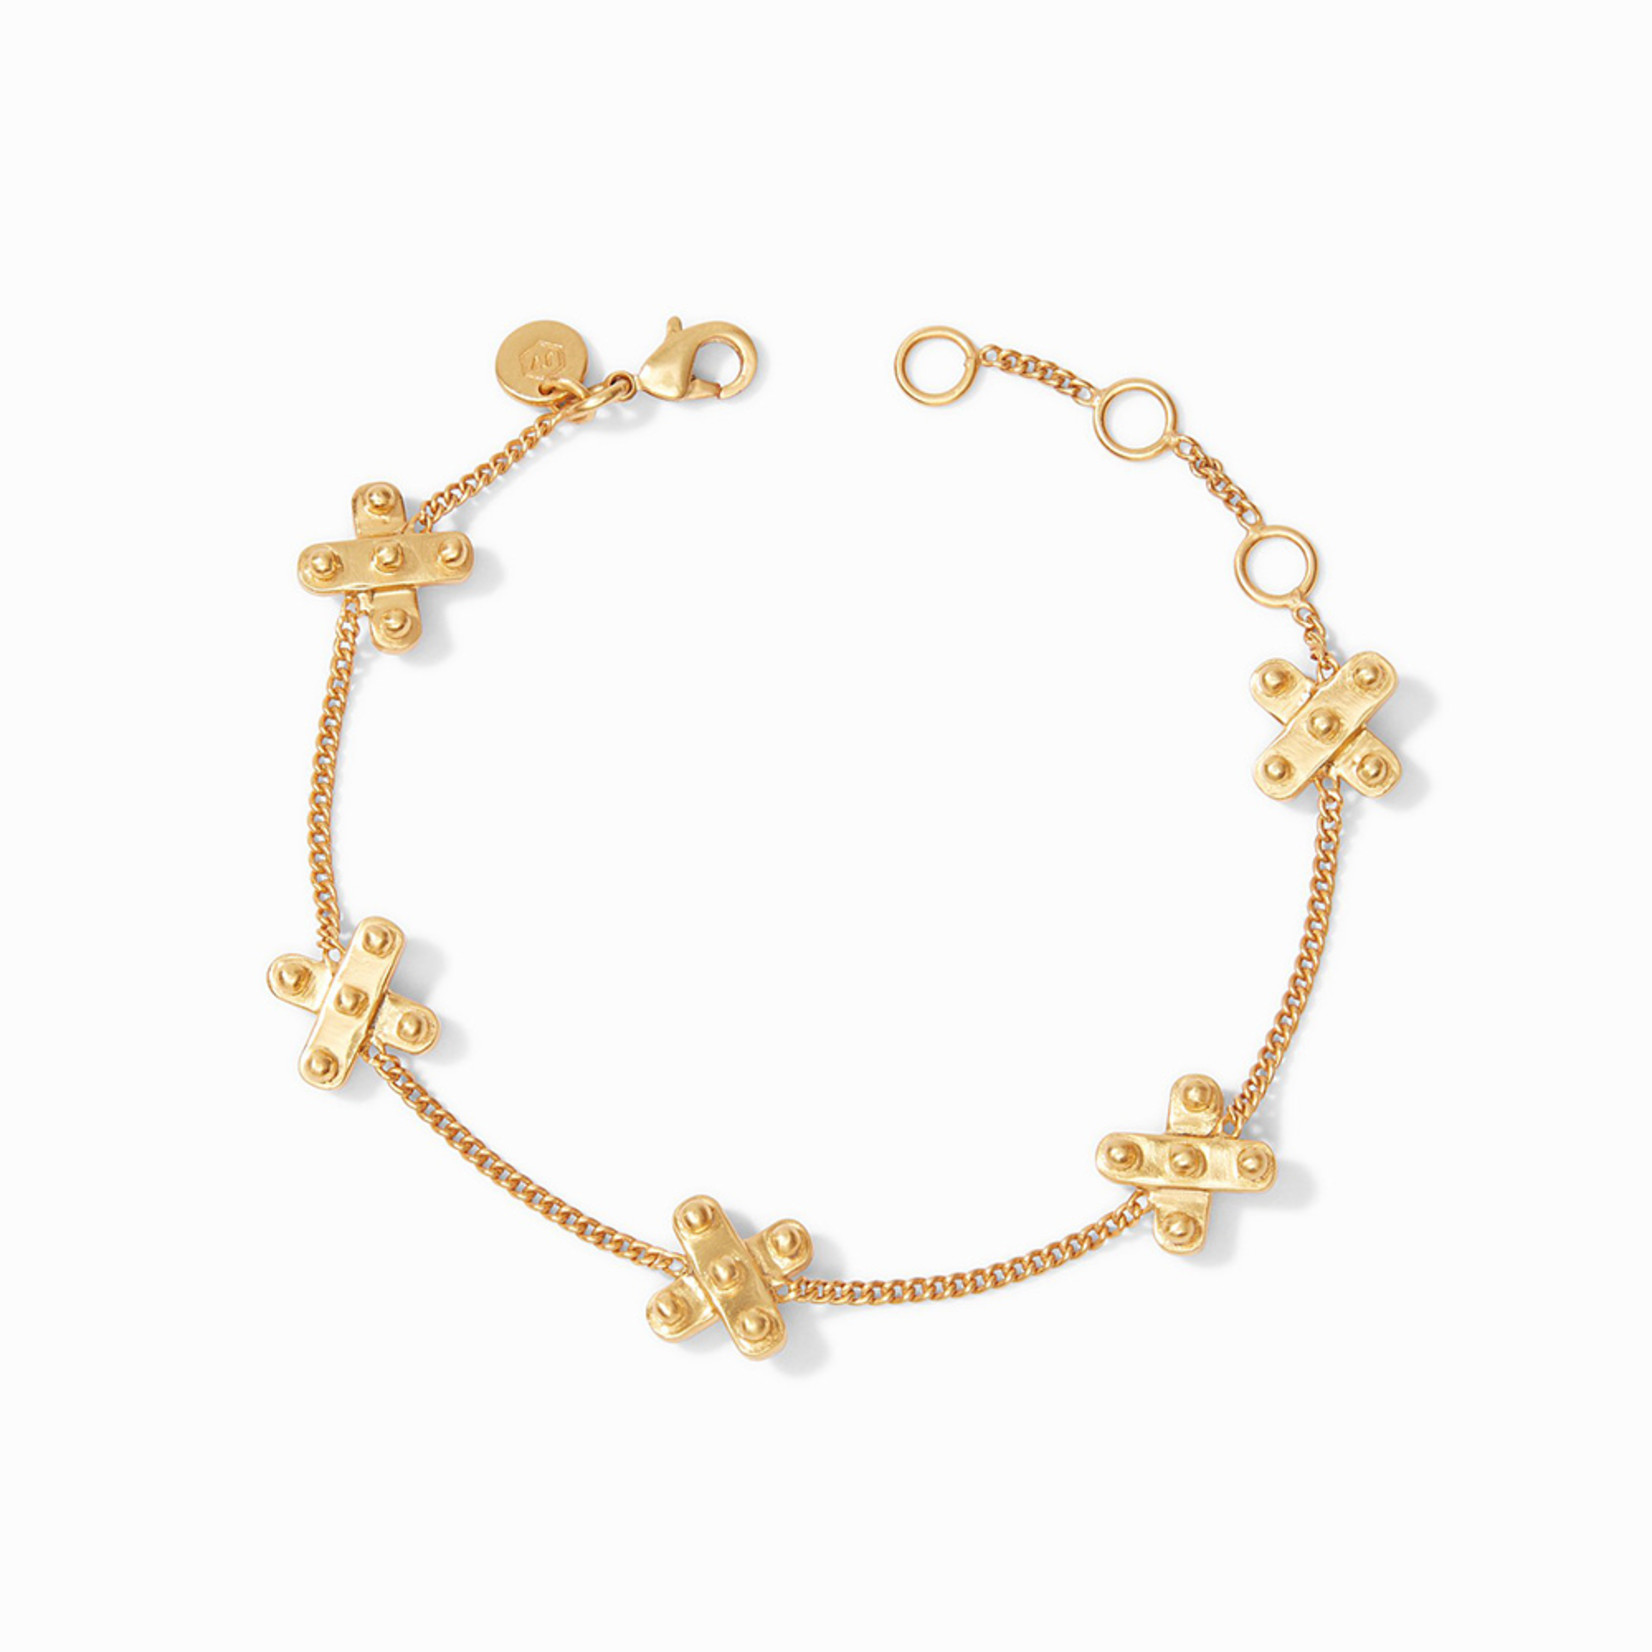 Julie Vos SoHo Delicate Bracelet